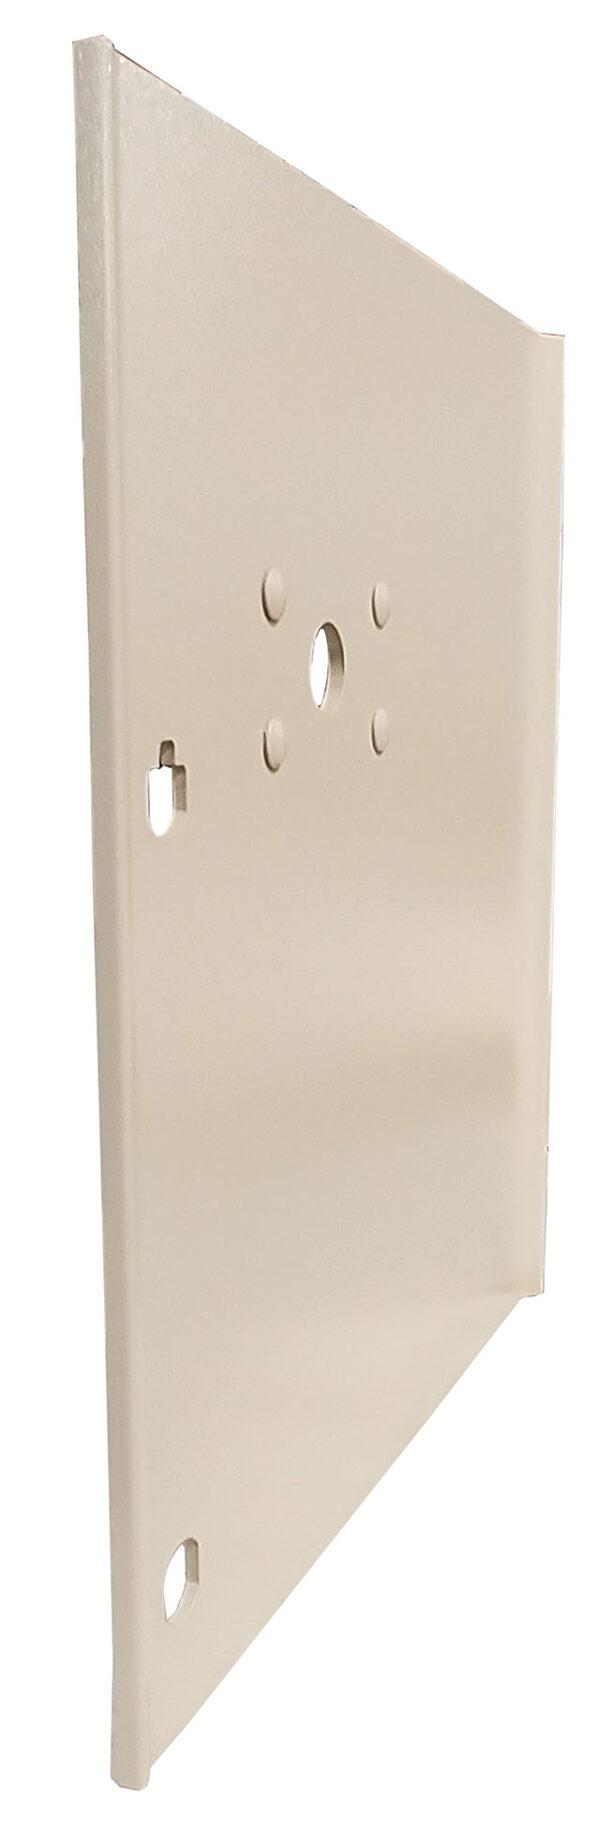 Postal replacement hardware   Parcel locker door